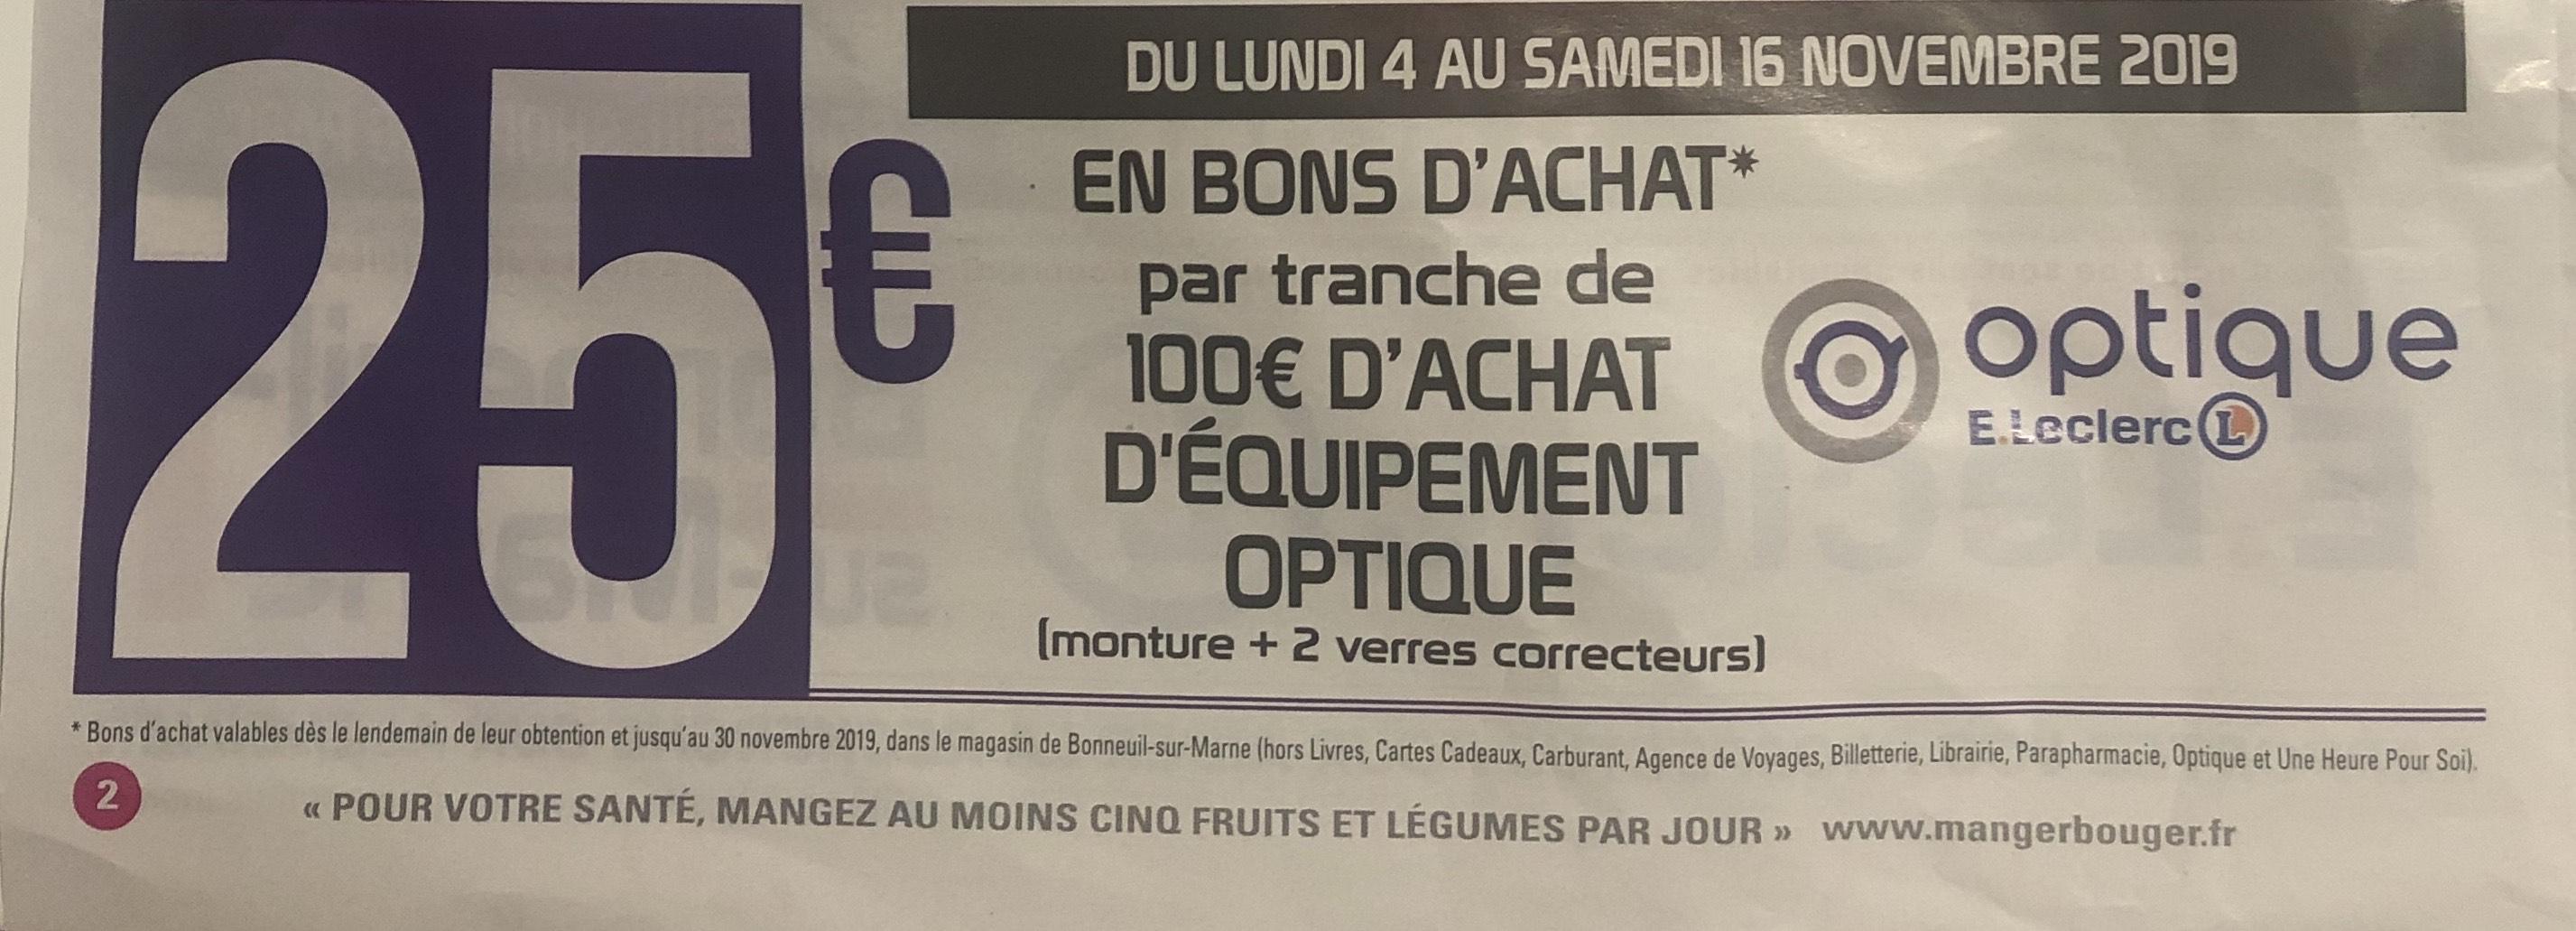 25€ remboursés en bons d'achat sur l'optique - Bonneuil-sur-Marne (94)